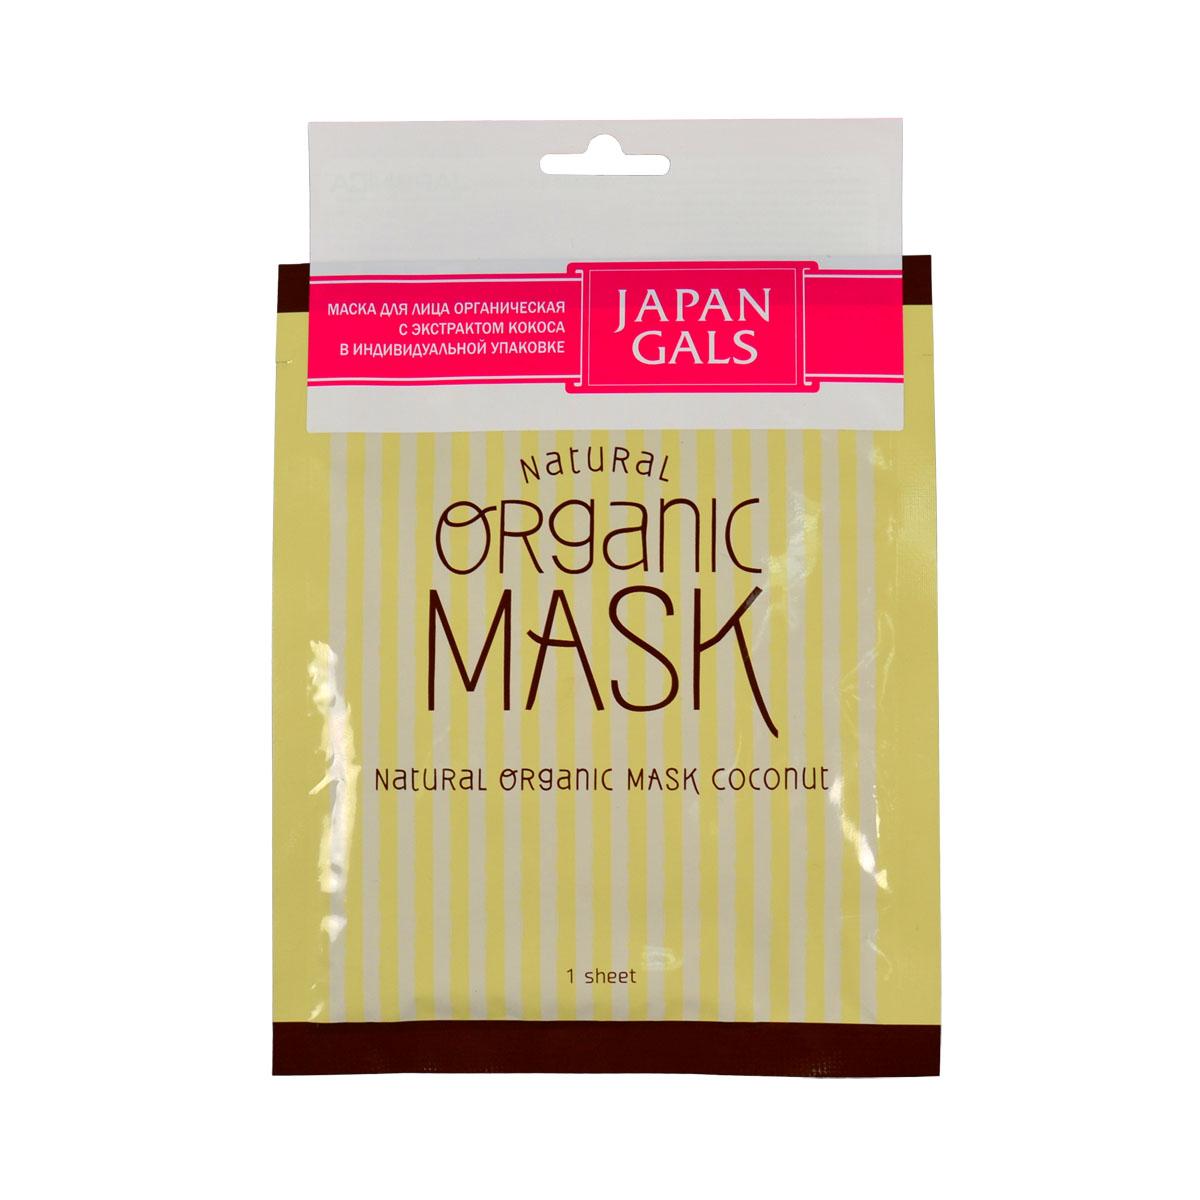 Japan Gals Маска для лица органическая с экстрактом кокоса 1 штКС-098Органическая маска JAPAN GALS с экстрактом кокоса создана для красоты и сияния кожи. Все компоненты подбирались особенно тщательно, а органический хлопок из которого создана маска естественно и мягко заботится о лице. Маска подходят для всех типов кожи и в любом возрасте.Чтобы ваша кожа сияла здоровьем, Вам потребуется всего 10-15 минут в день для ухода за ней. Маска очень проста в применении, а после ее использования лицо не требует дополнительного умывания. Тканевая основа маски пропитана сывороткой, и благодаря плотному прилеганию маски к лицу состав проникает глубоко в кожу, успокаивая и увлажняя ее изнутри. Так же у маски имеются специальные кармашки для проработки зоны в области глаз.В состав маски входят экстра - чистые кокосовые масла, кокосовый сок, с добавлением в сыворотку масла жожоба. Кокосовое масло позволяет за очень короткий промежуток времени смягчить и разгладить кожу, придав ей гладкий, здоровый и сияющий вид.Кокосовый сок придаст коже мягкость и сделает ее бархатистой. Масло жожоба помогает улучшить цвет лица и способствует усвоению кожей витамина D при воздействии солнечных лучей.Способ применения: Расправить маску. Плотно приложить к чистому лицу. Держать в течение 10-15 минут. При использовании маски на глаза веки следует держать закрытыми. Для особо тщательной проработки зоны под глазами сложите специальную накладку два раза. После применения маски лицо не требует дополнительного умывания. Меры предосторожности: Аллергические реакции возможны только в случае индивидуальной непереносимости отдельных компонентов. При покраснении, зуде, раздражении, прекратить применение продукта и проконсультироваться со специалистом. Не использовать при открытых ранах и опухолях. В целях гигиены следует использовать маску только один раз. Рекомендуется доставать маску из упаковки чистыми руками. Способ хранения: Держать в недоступном для детей месте. Хранить при комнатной температуре. Не реко